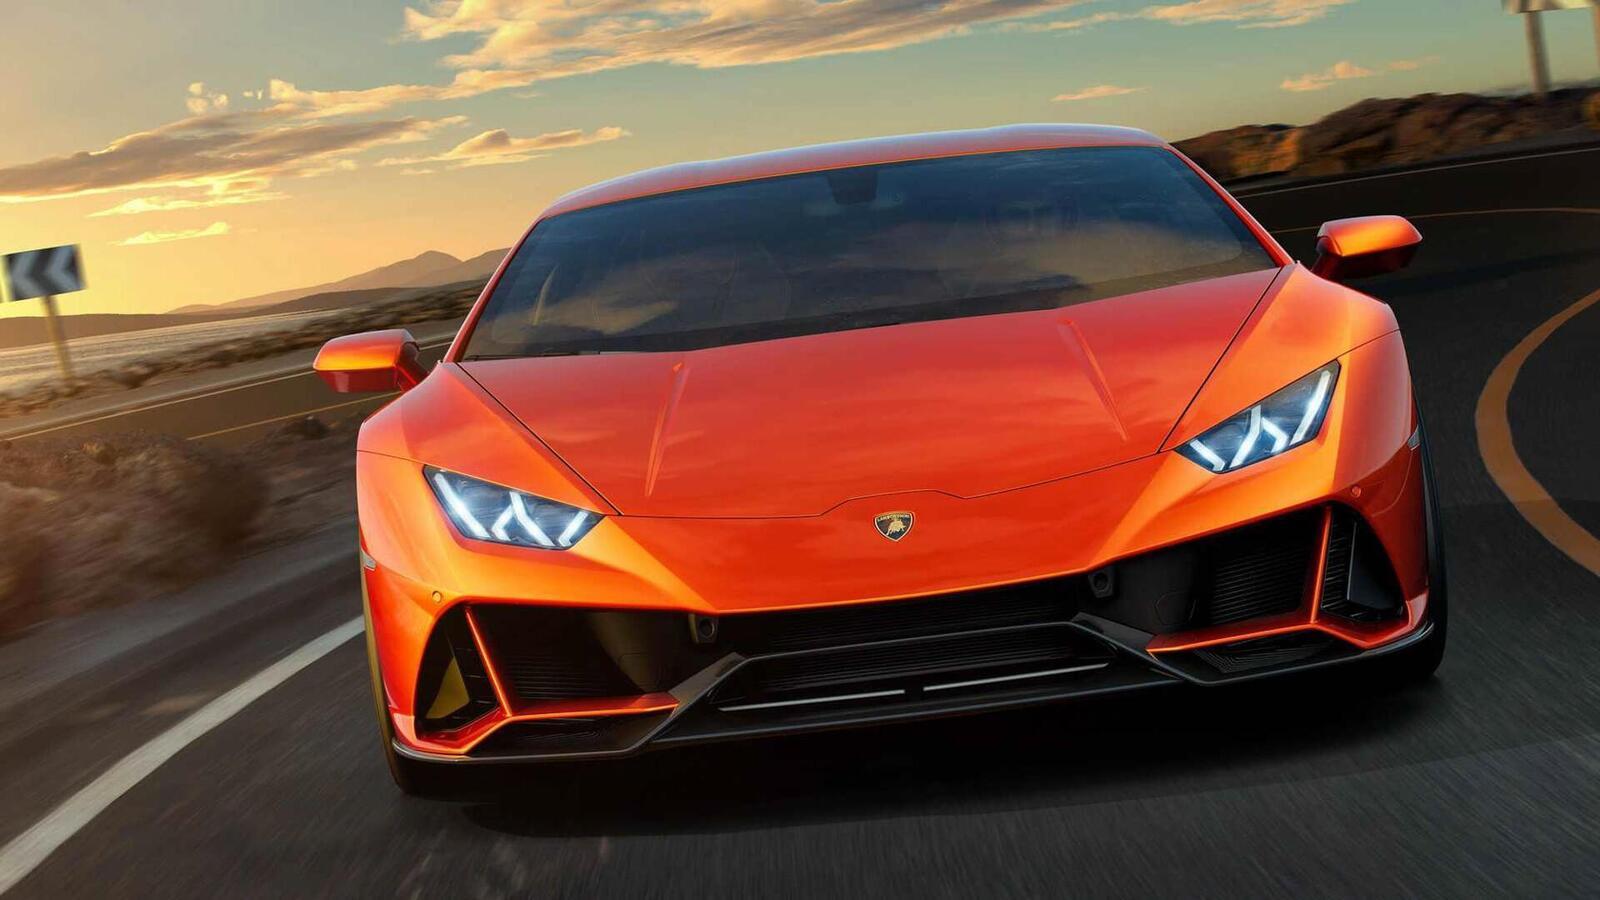 Lamborghini giới thiệu Huracan EVO mới với sức mạnh 640 mã lực - Hình 6